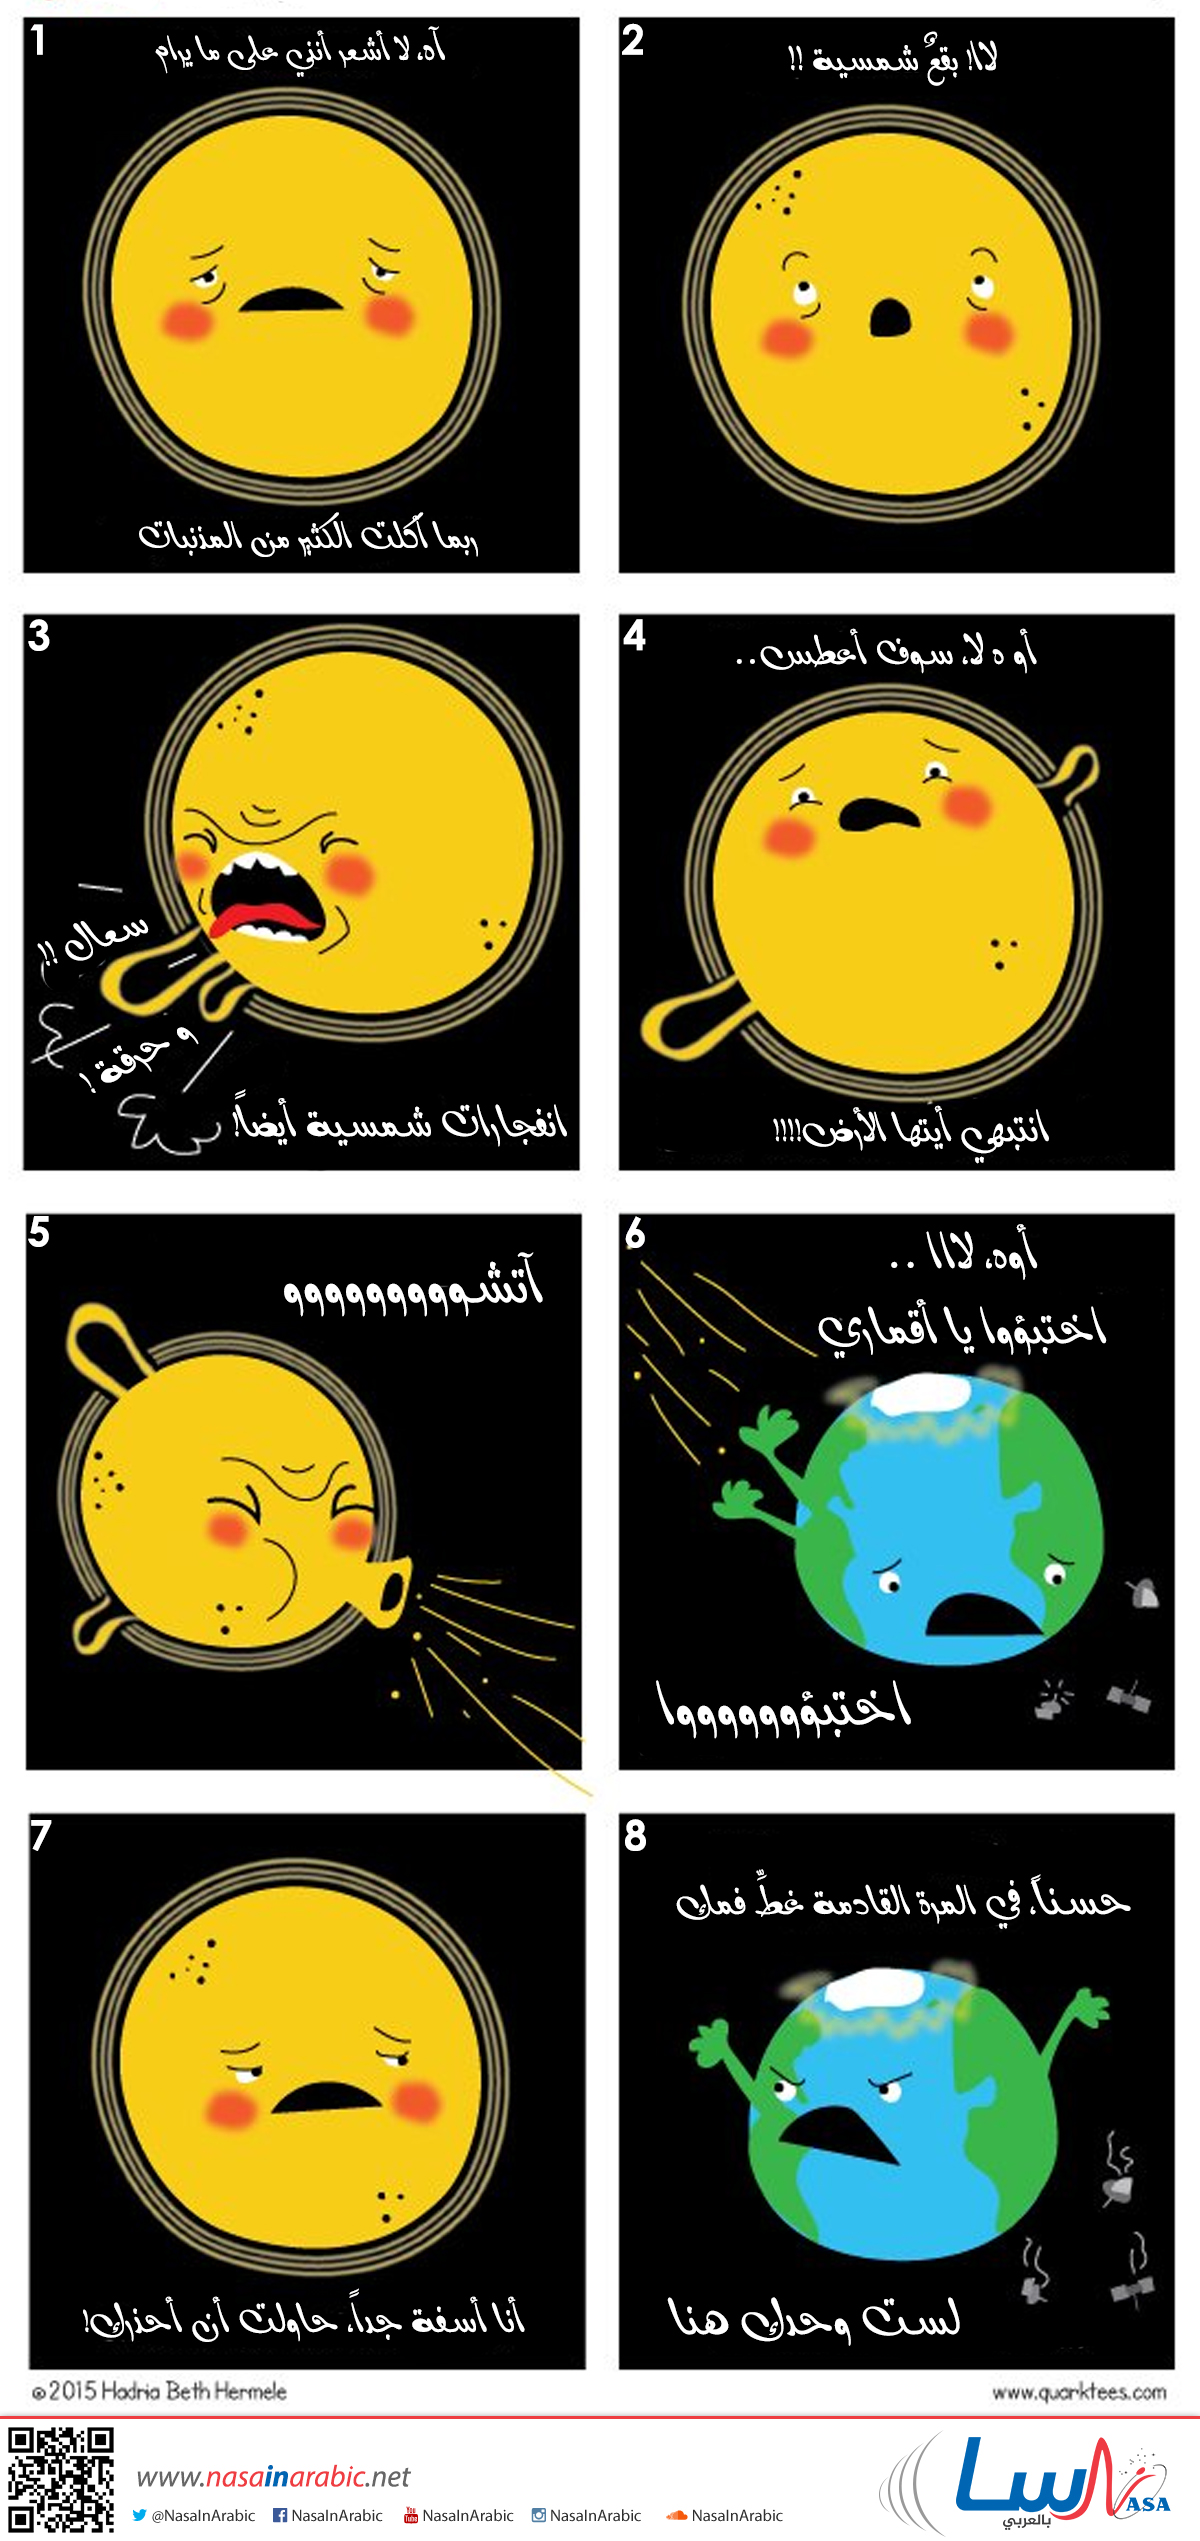 النشاط الشمسي!